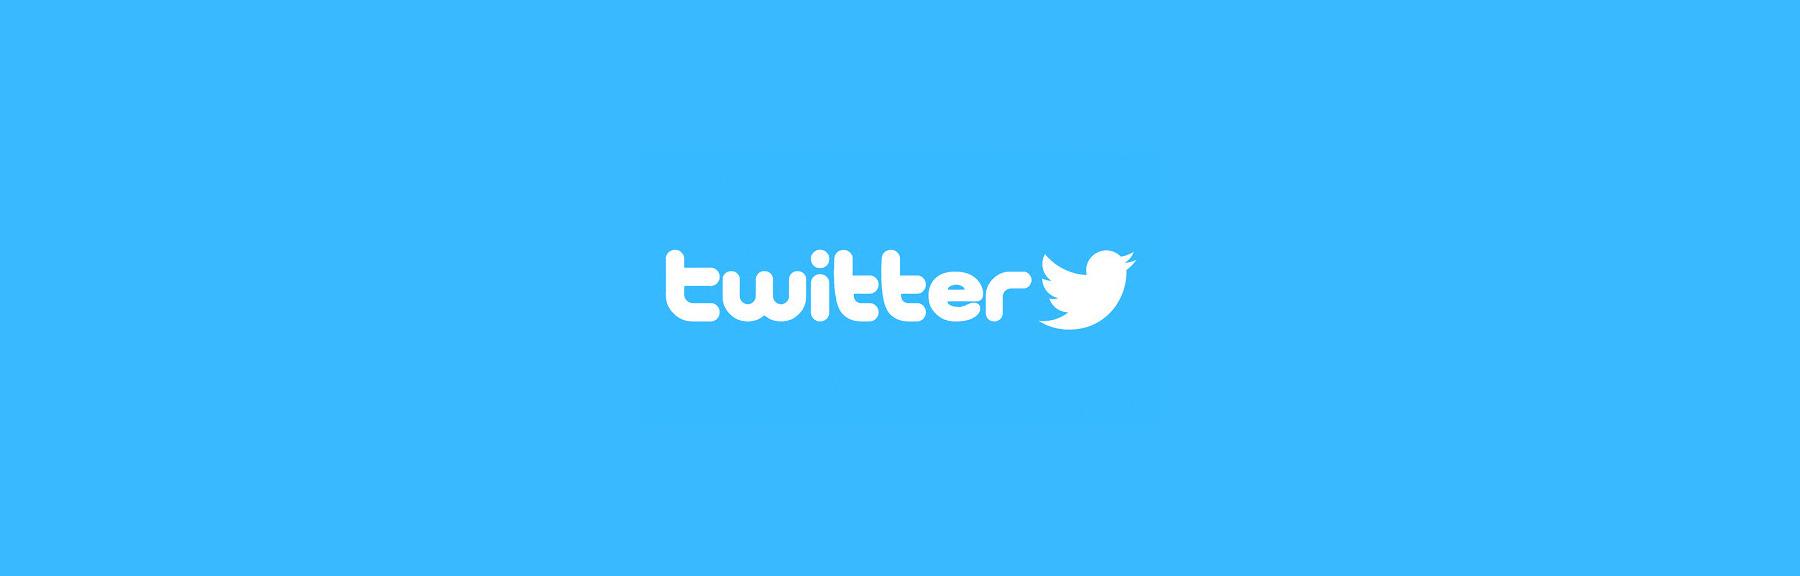 Twitter-Music-Slider